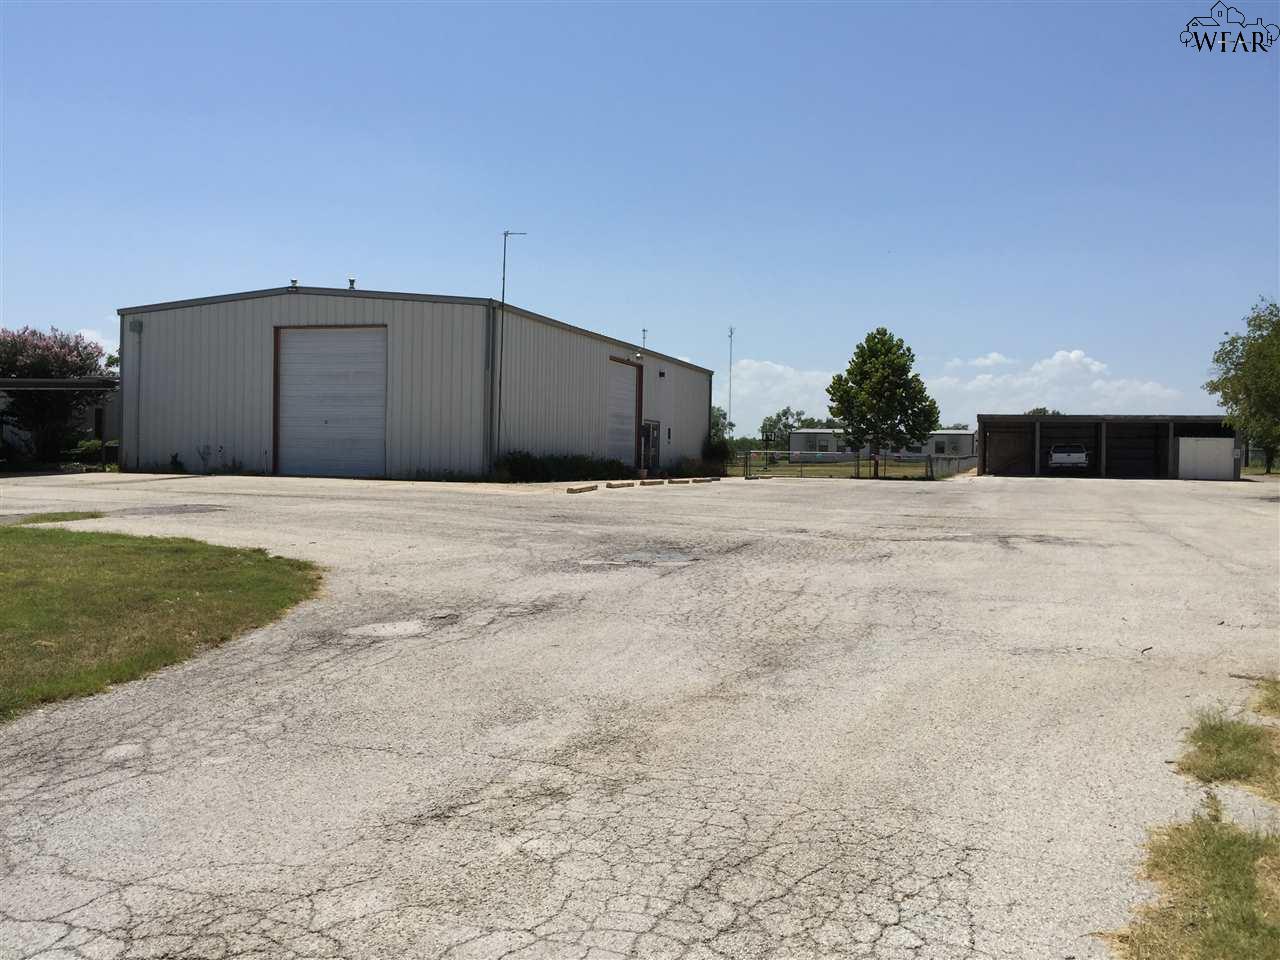 2507 E CENTRAL FREEWAY, Wichita Falls, TX 76301